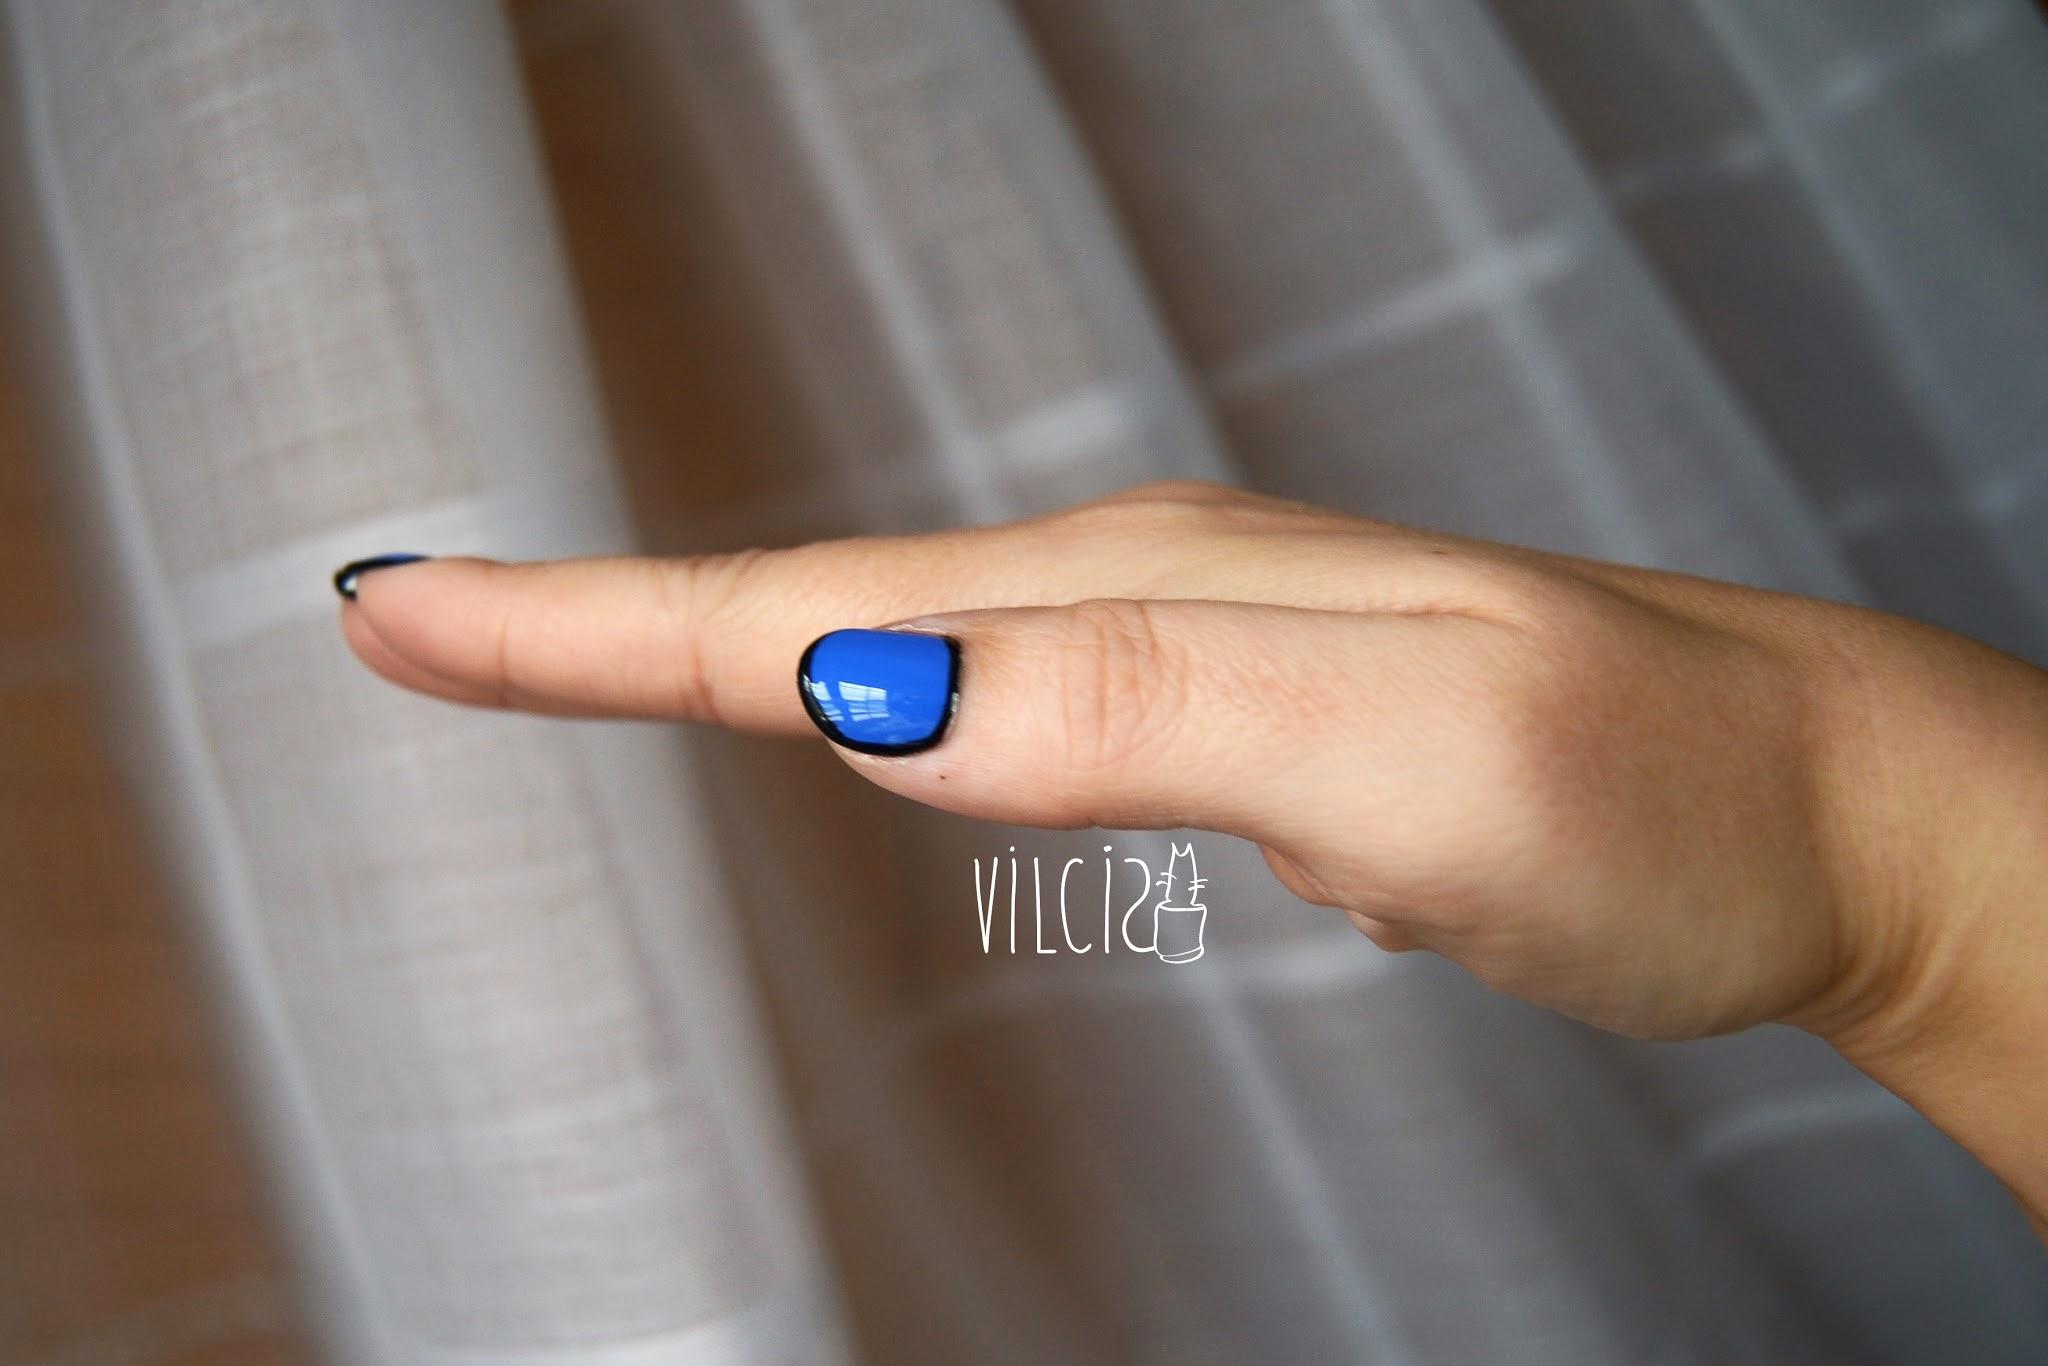 Diseño de uñas inspirado en el vídeo de Katy Perry Dark Horse vilcis